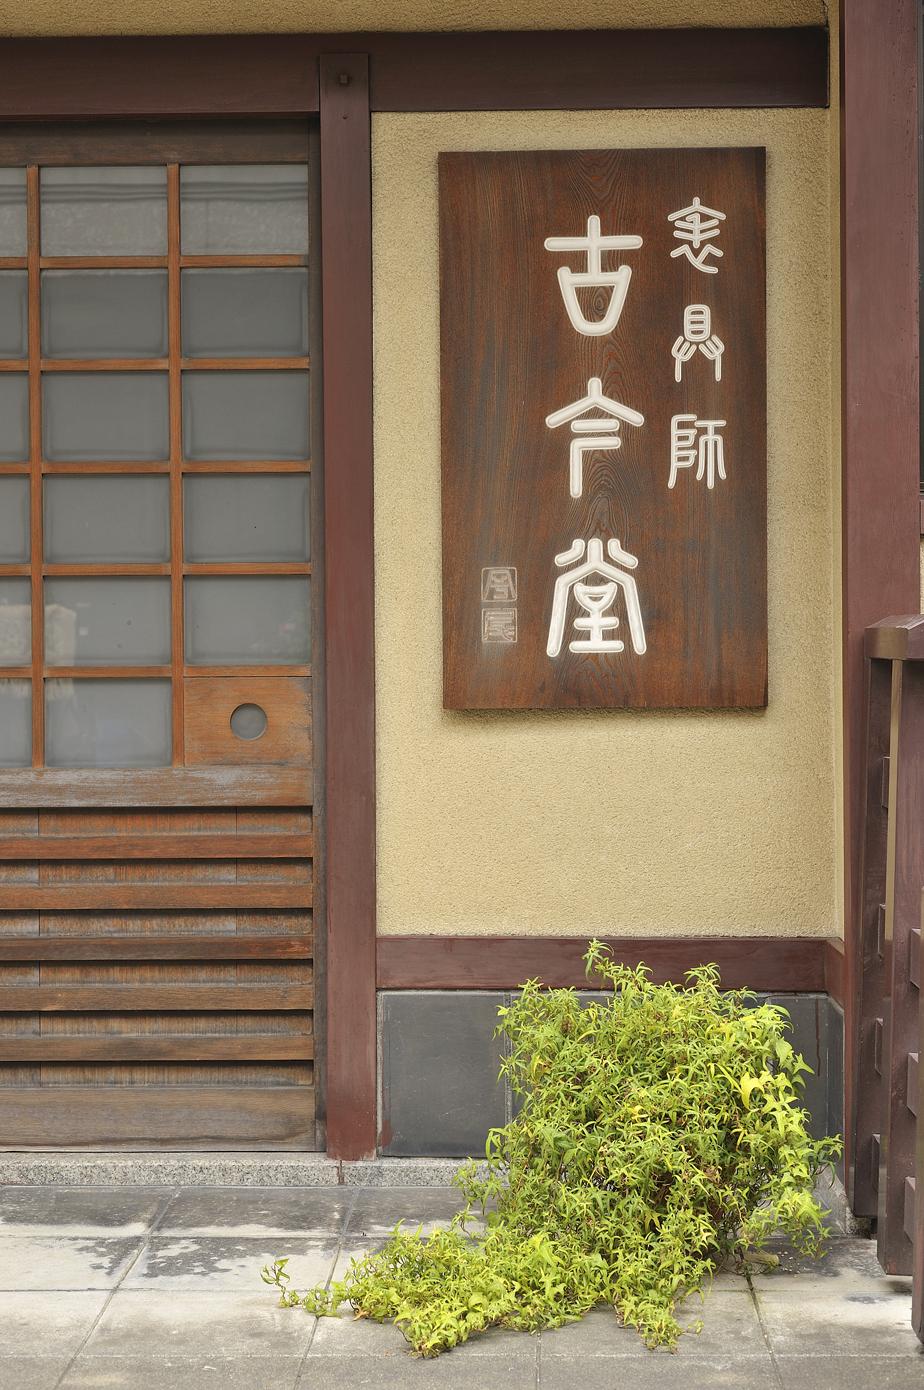 Mr Imao's workshop